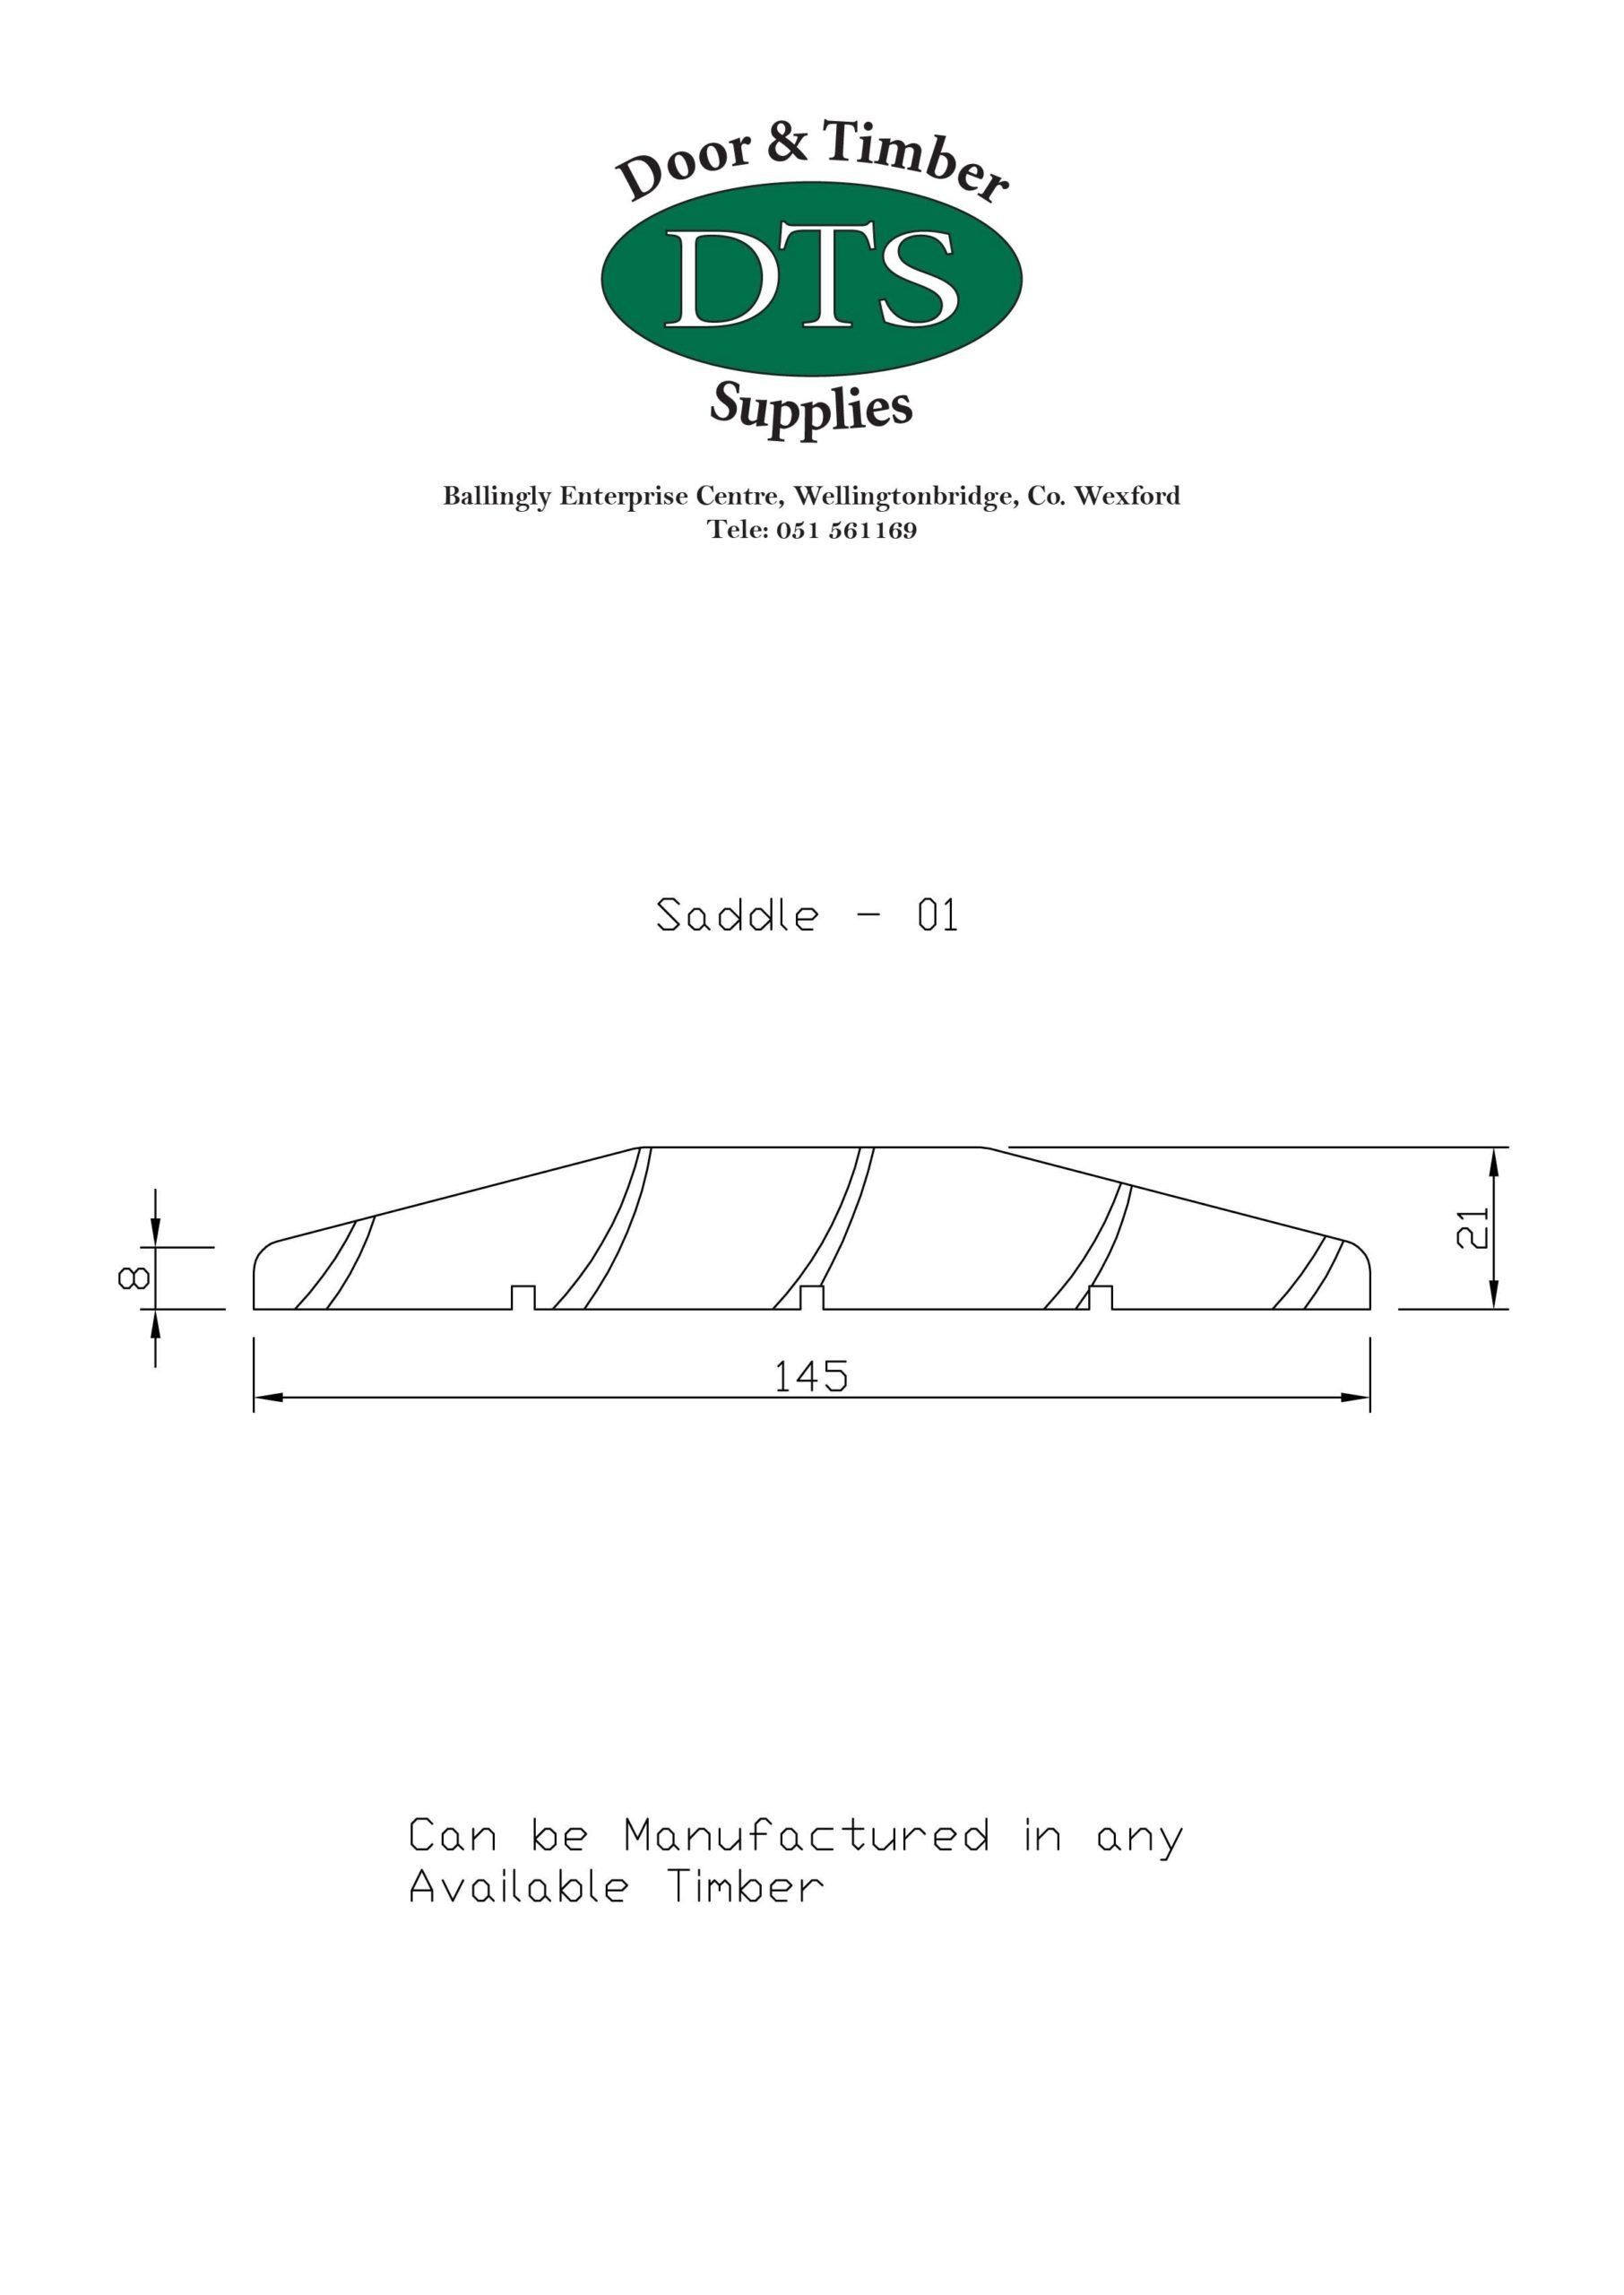 Door and Timber Supplies - Bespoke Saddle